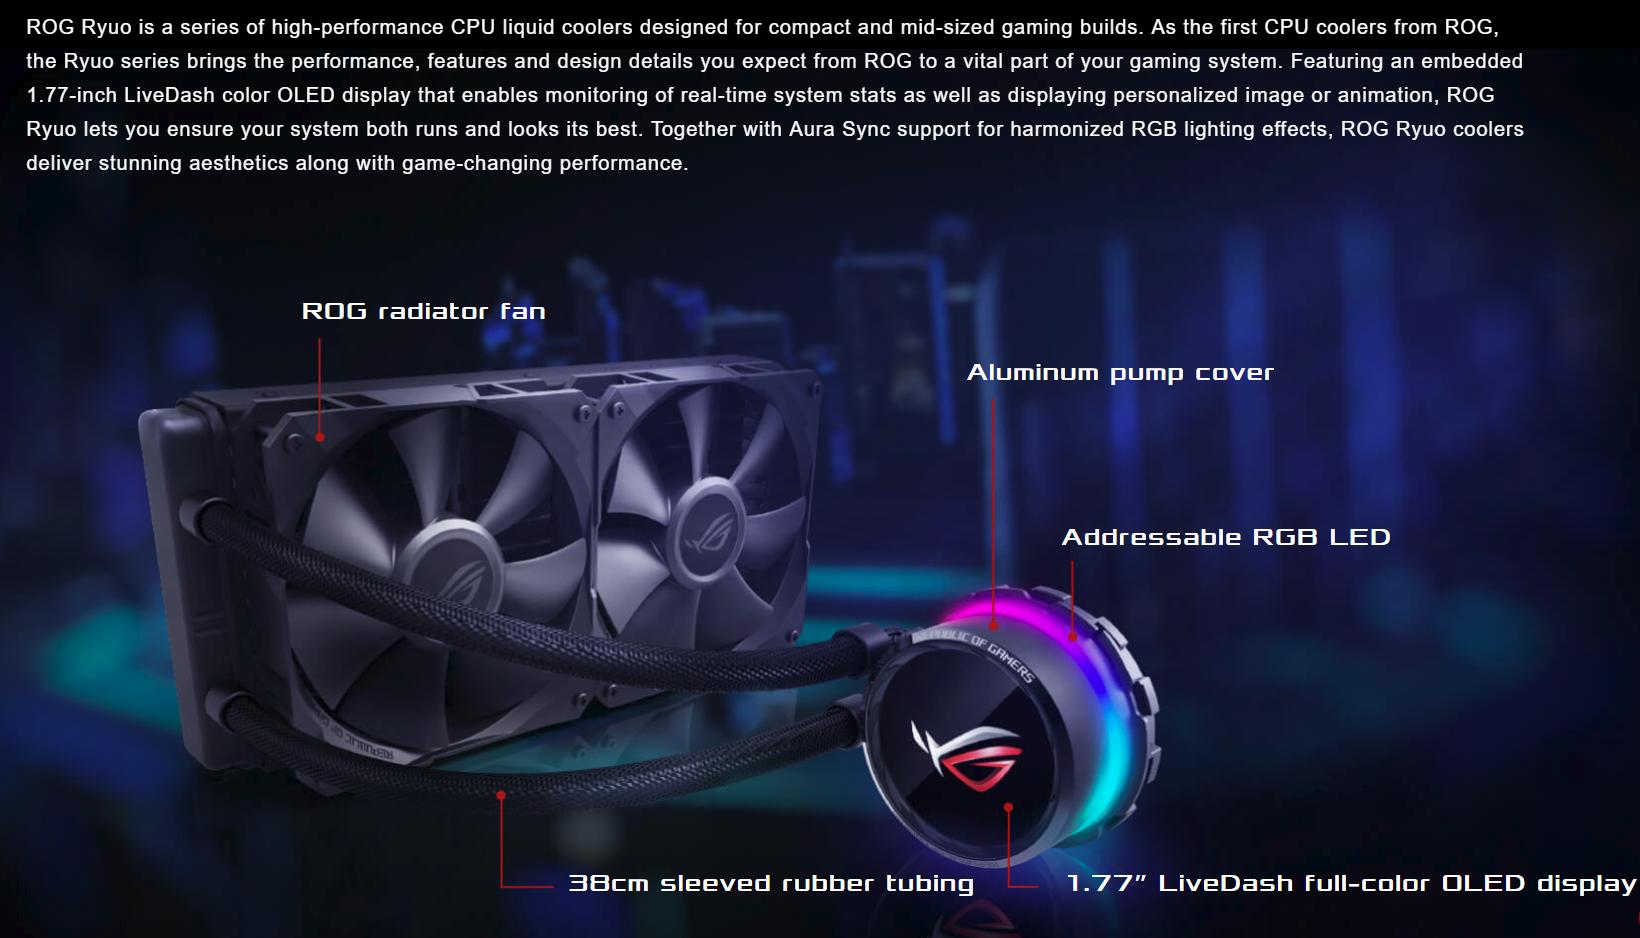 Tản nhiệt nước Asus ROG RYUO 240 - RGB 240mm Liquid CPU Cooler - dòng sản phẩm tản nhiệt hiệu năng cao được thiết kế phù hợp với các bộ máy cỡ nhỏ và vừa